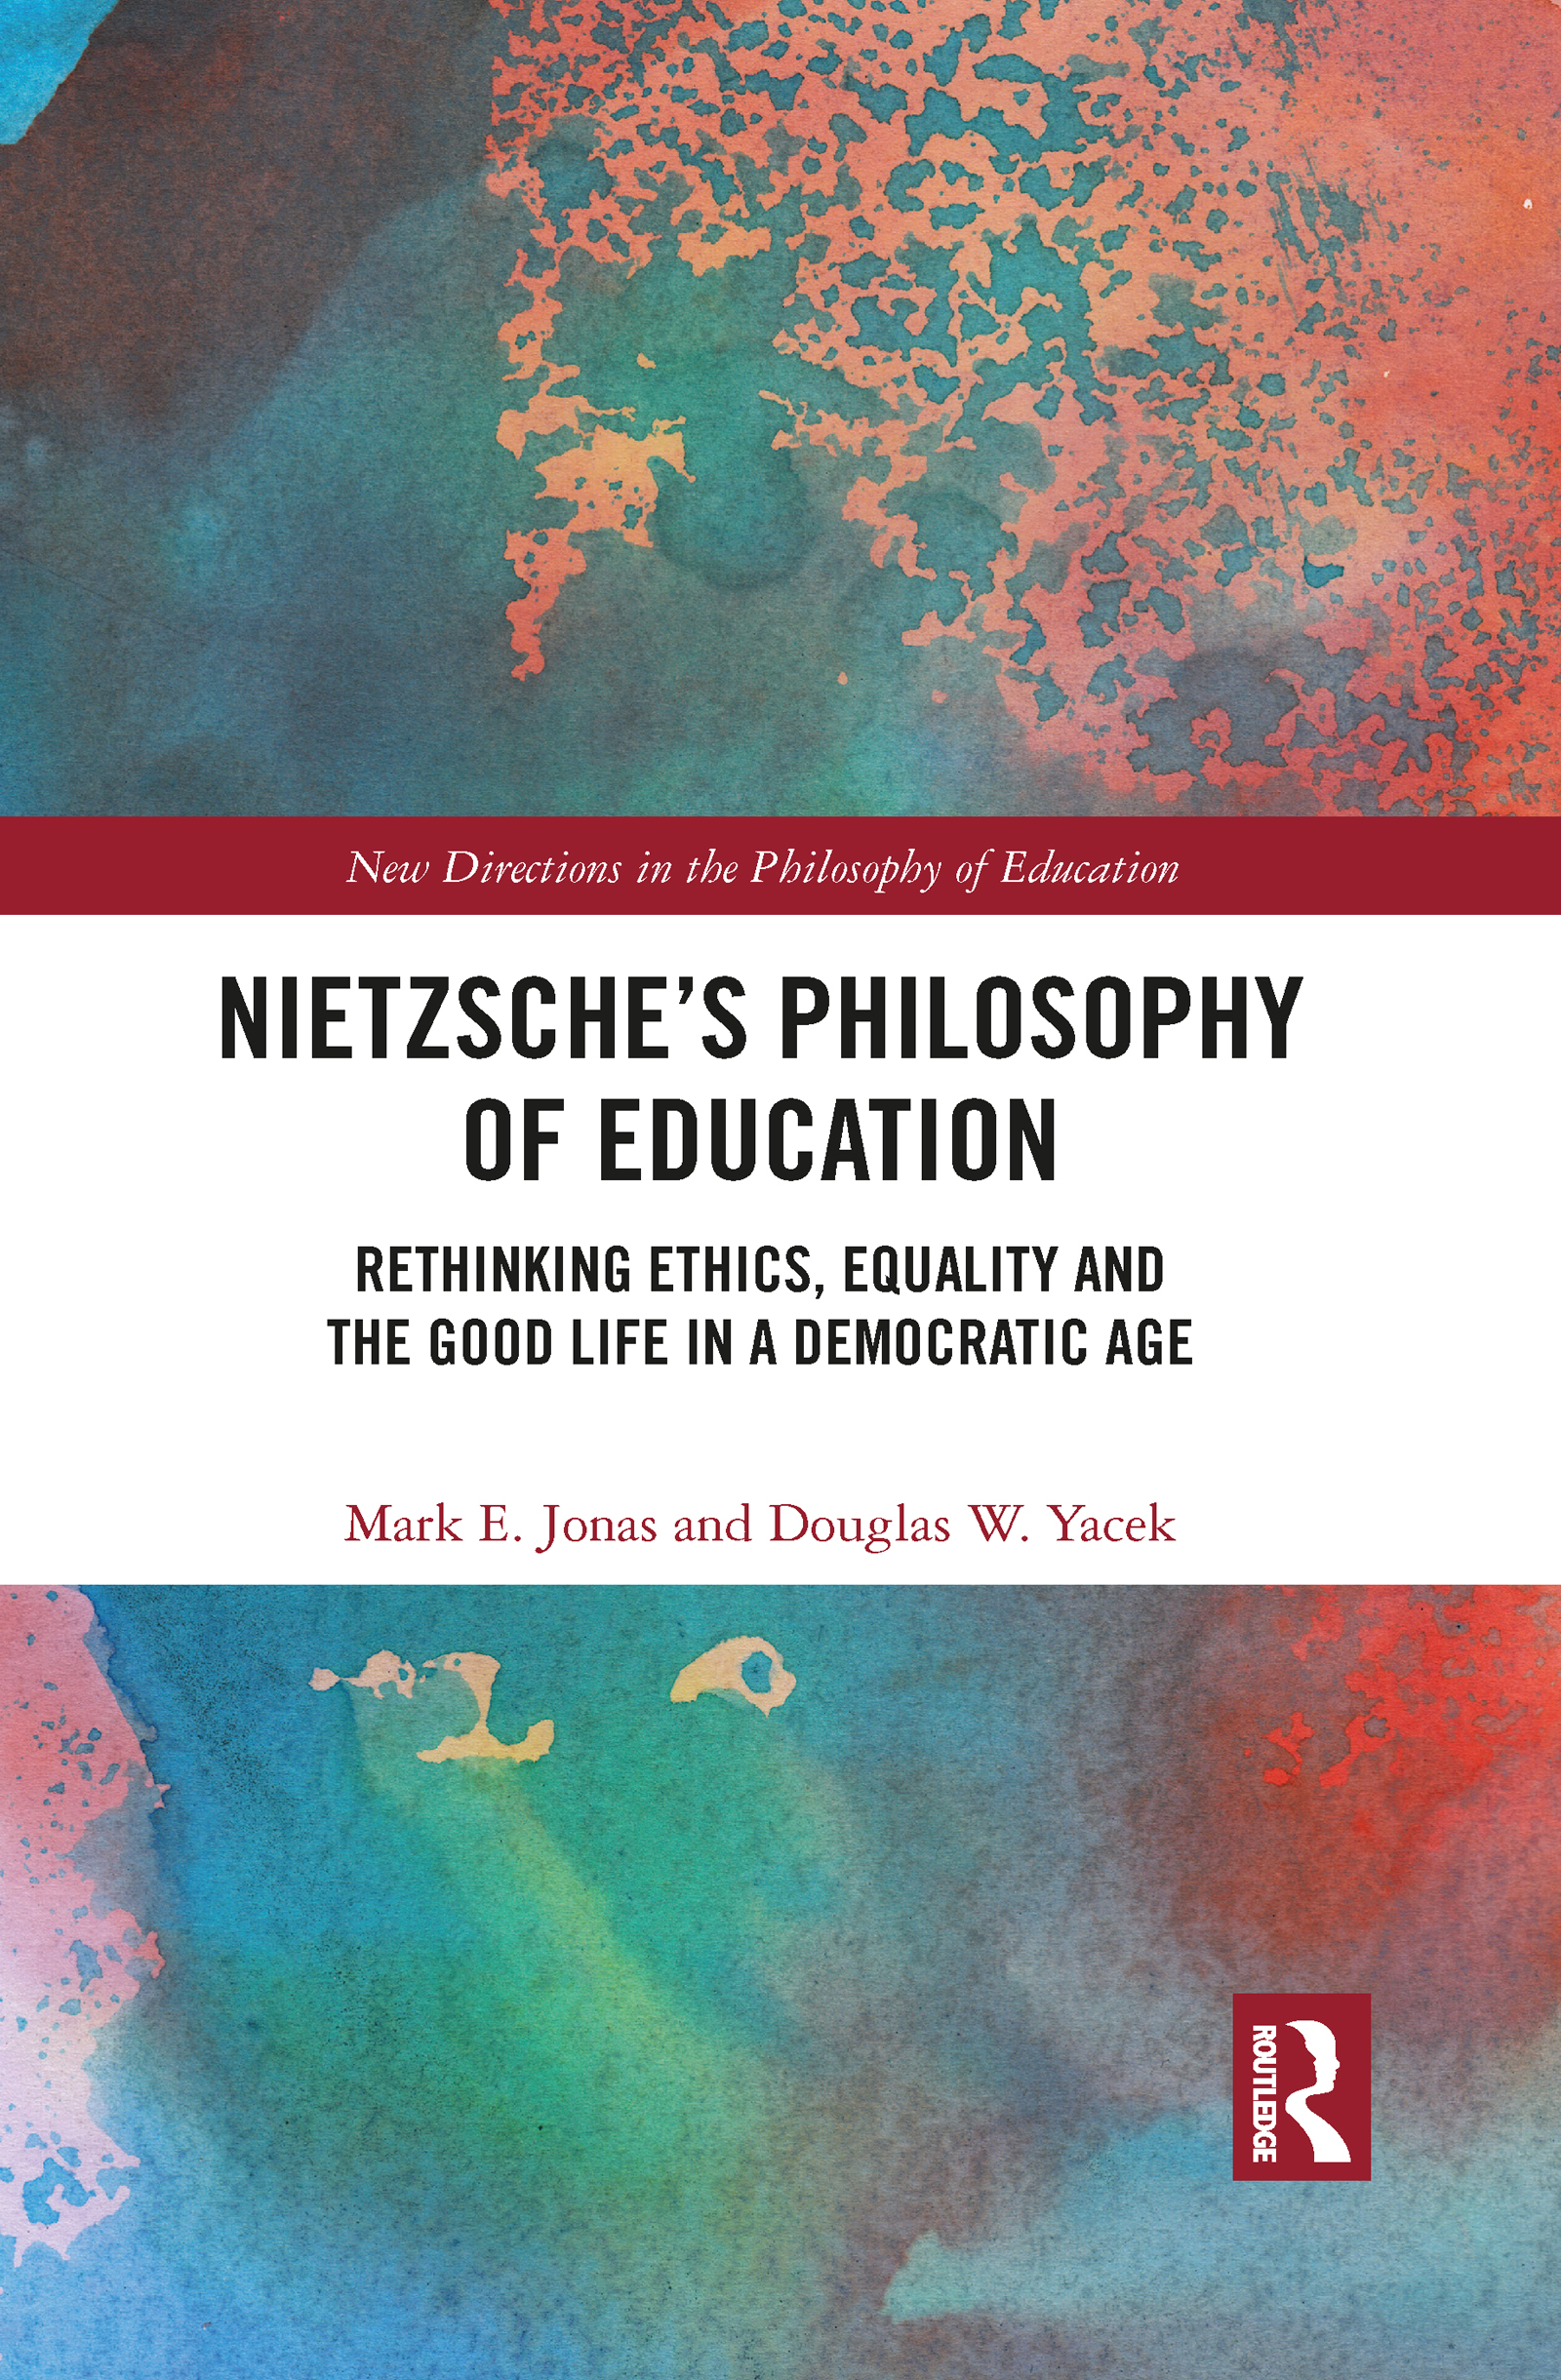 Nietzsche's Philosophy of Education